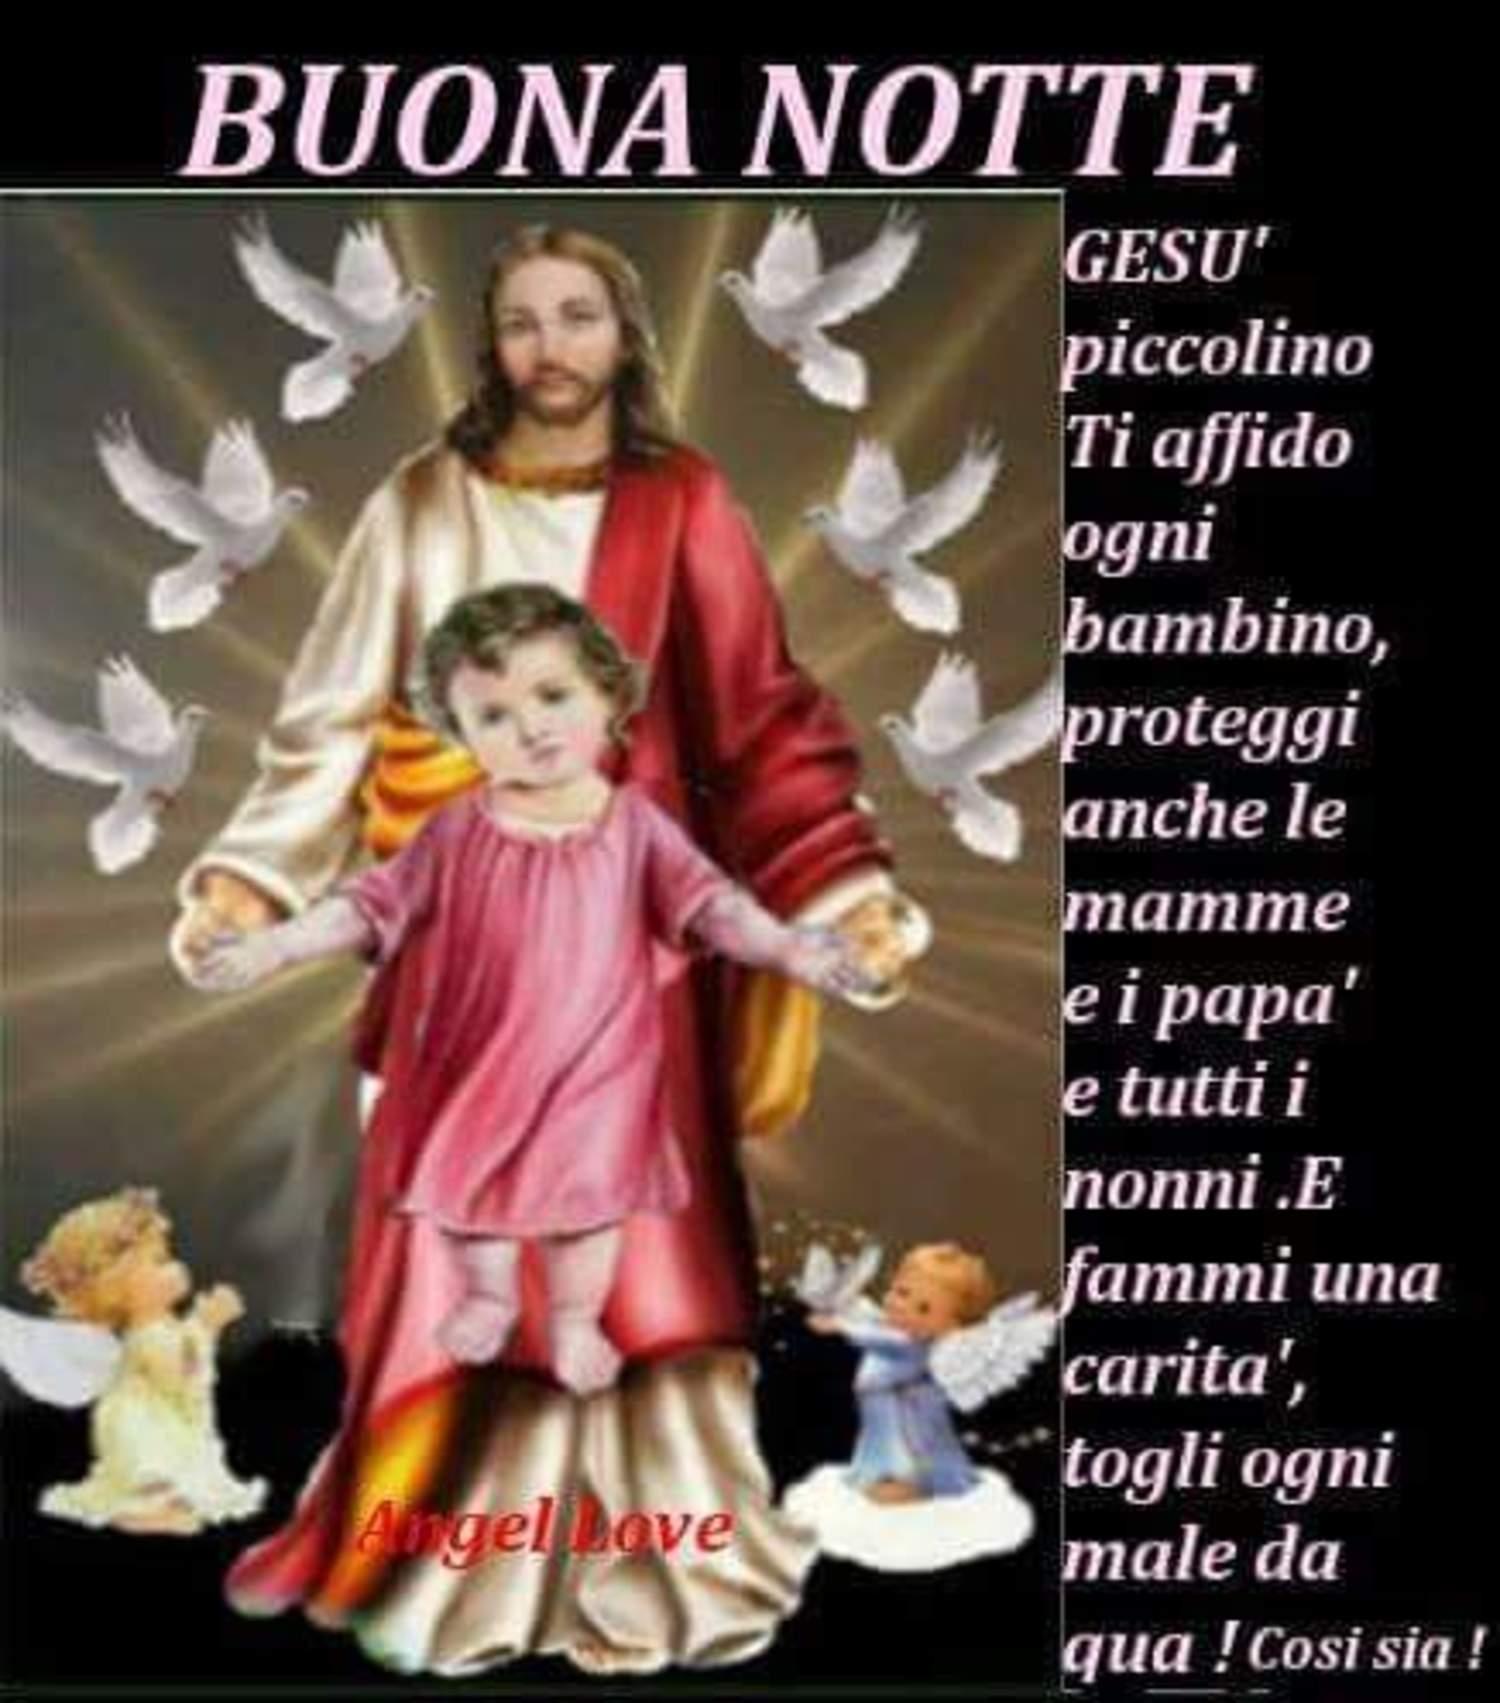 Buonanotte Con Gesù 6578 Buongiornocongesu It